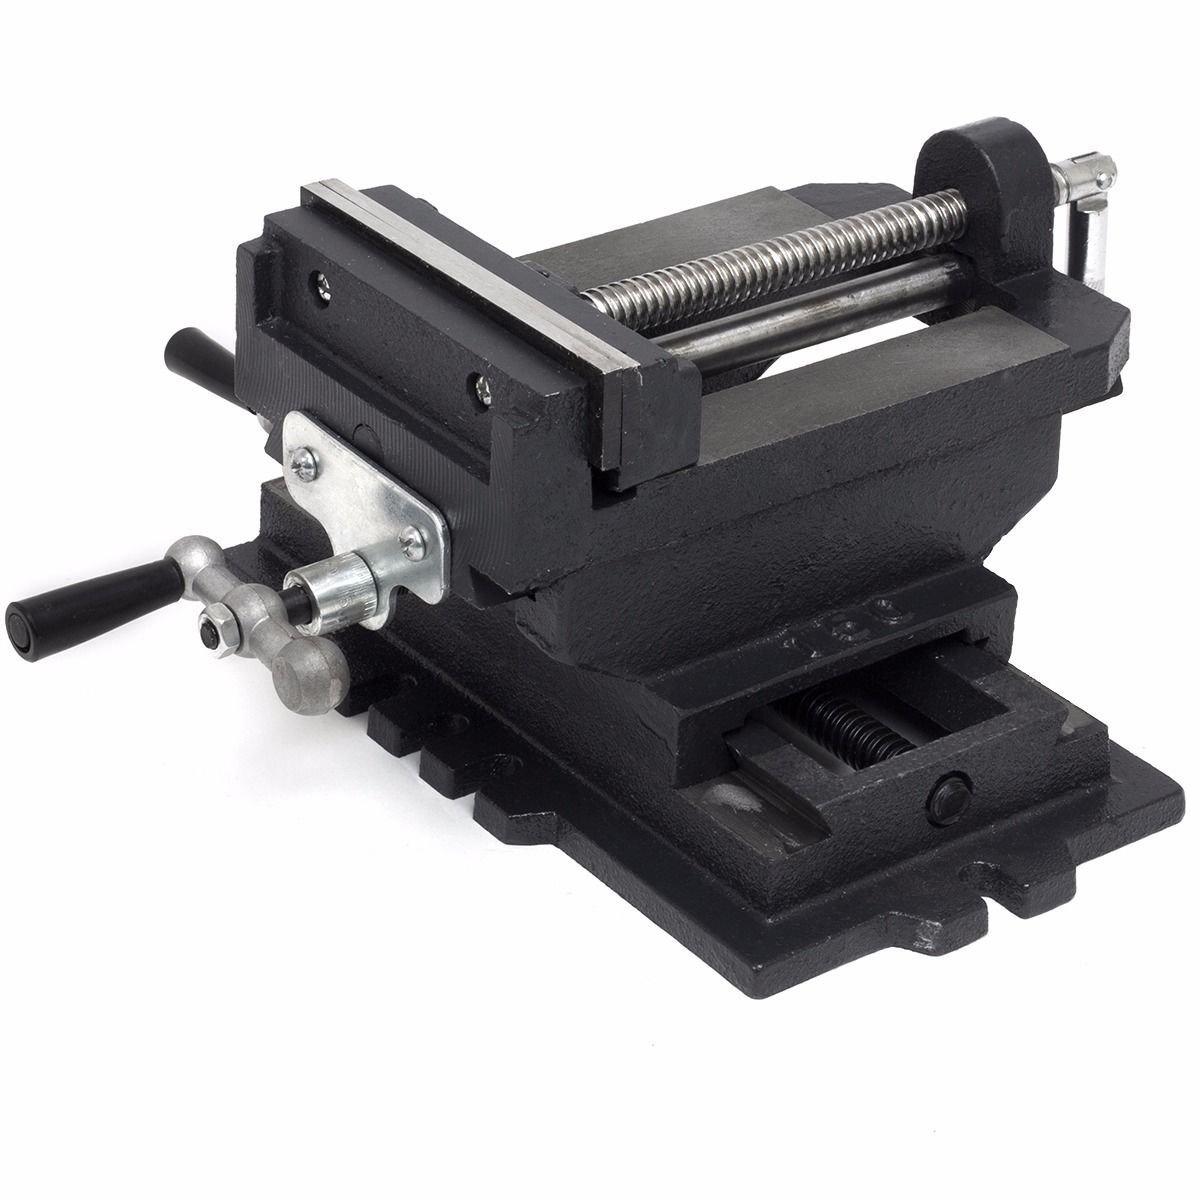 GHP Heavy Duty drill press